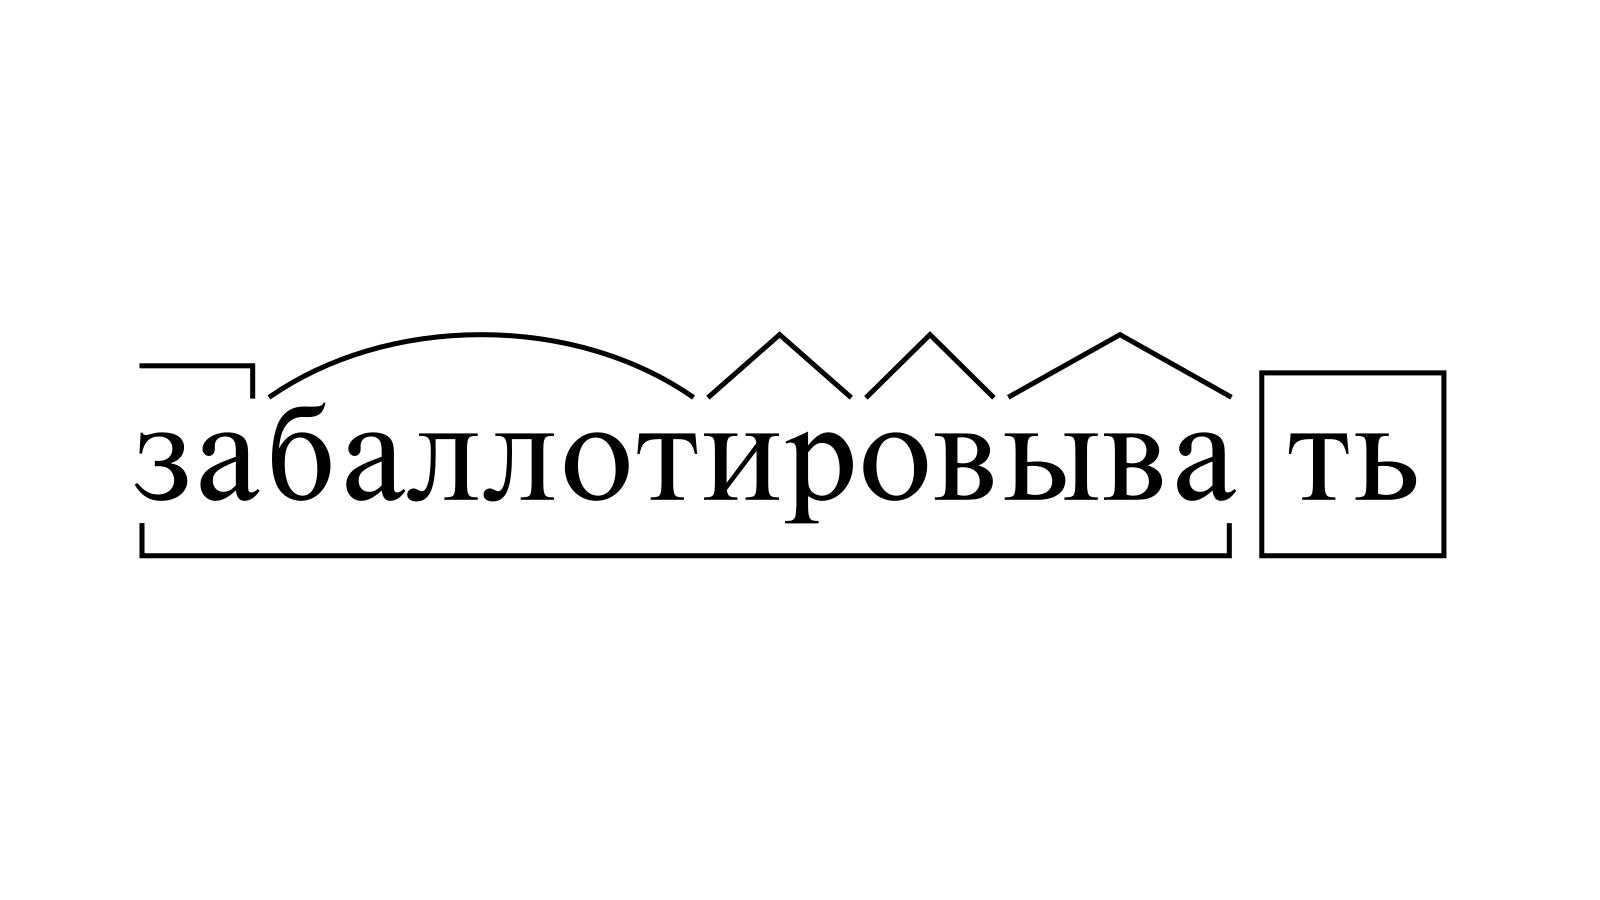 Разбор слова «забаллотировывать» по составу